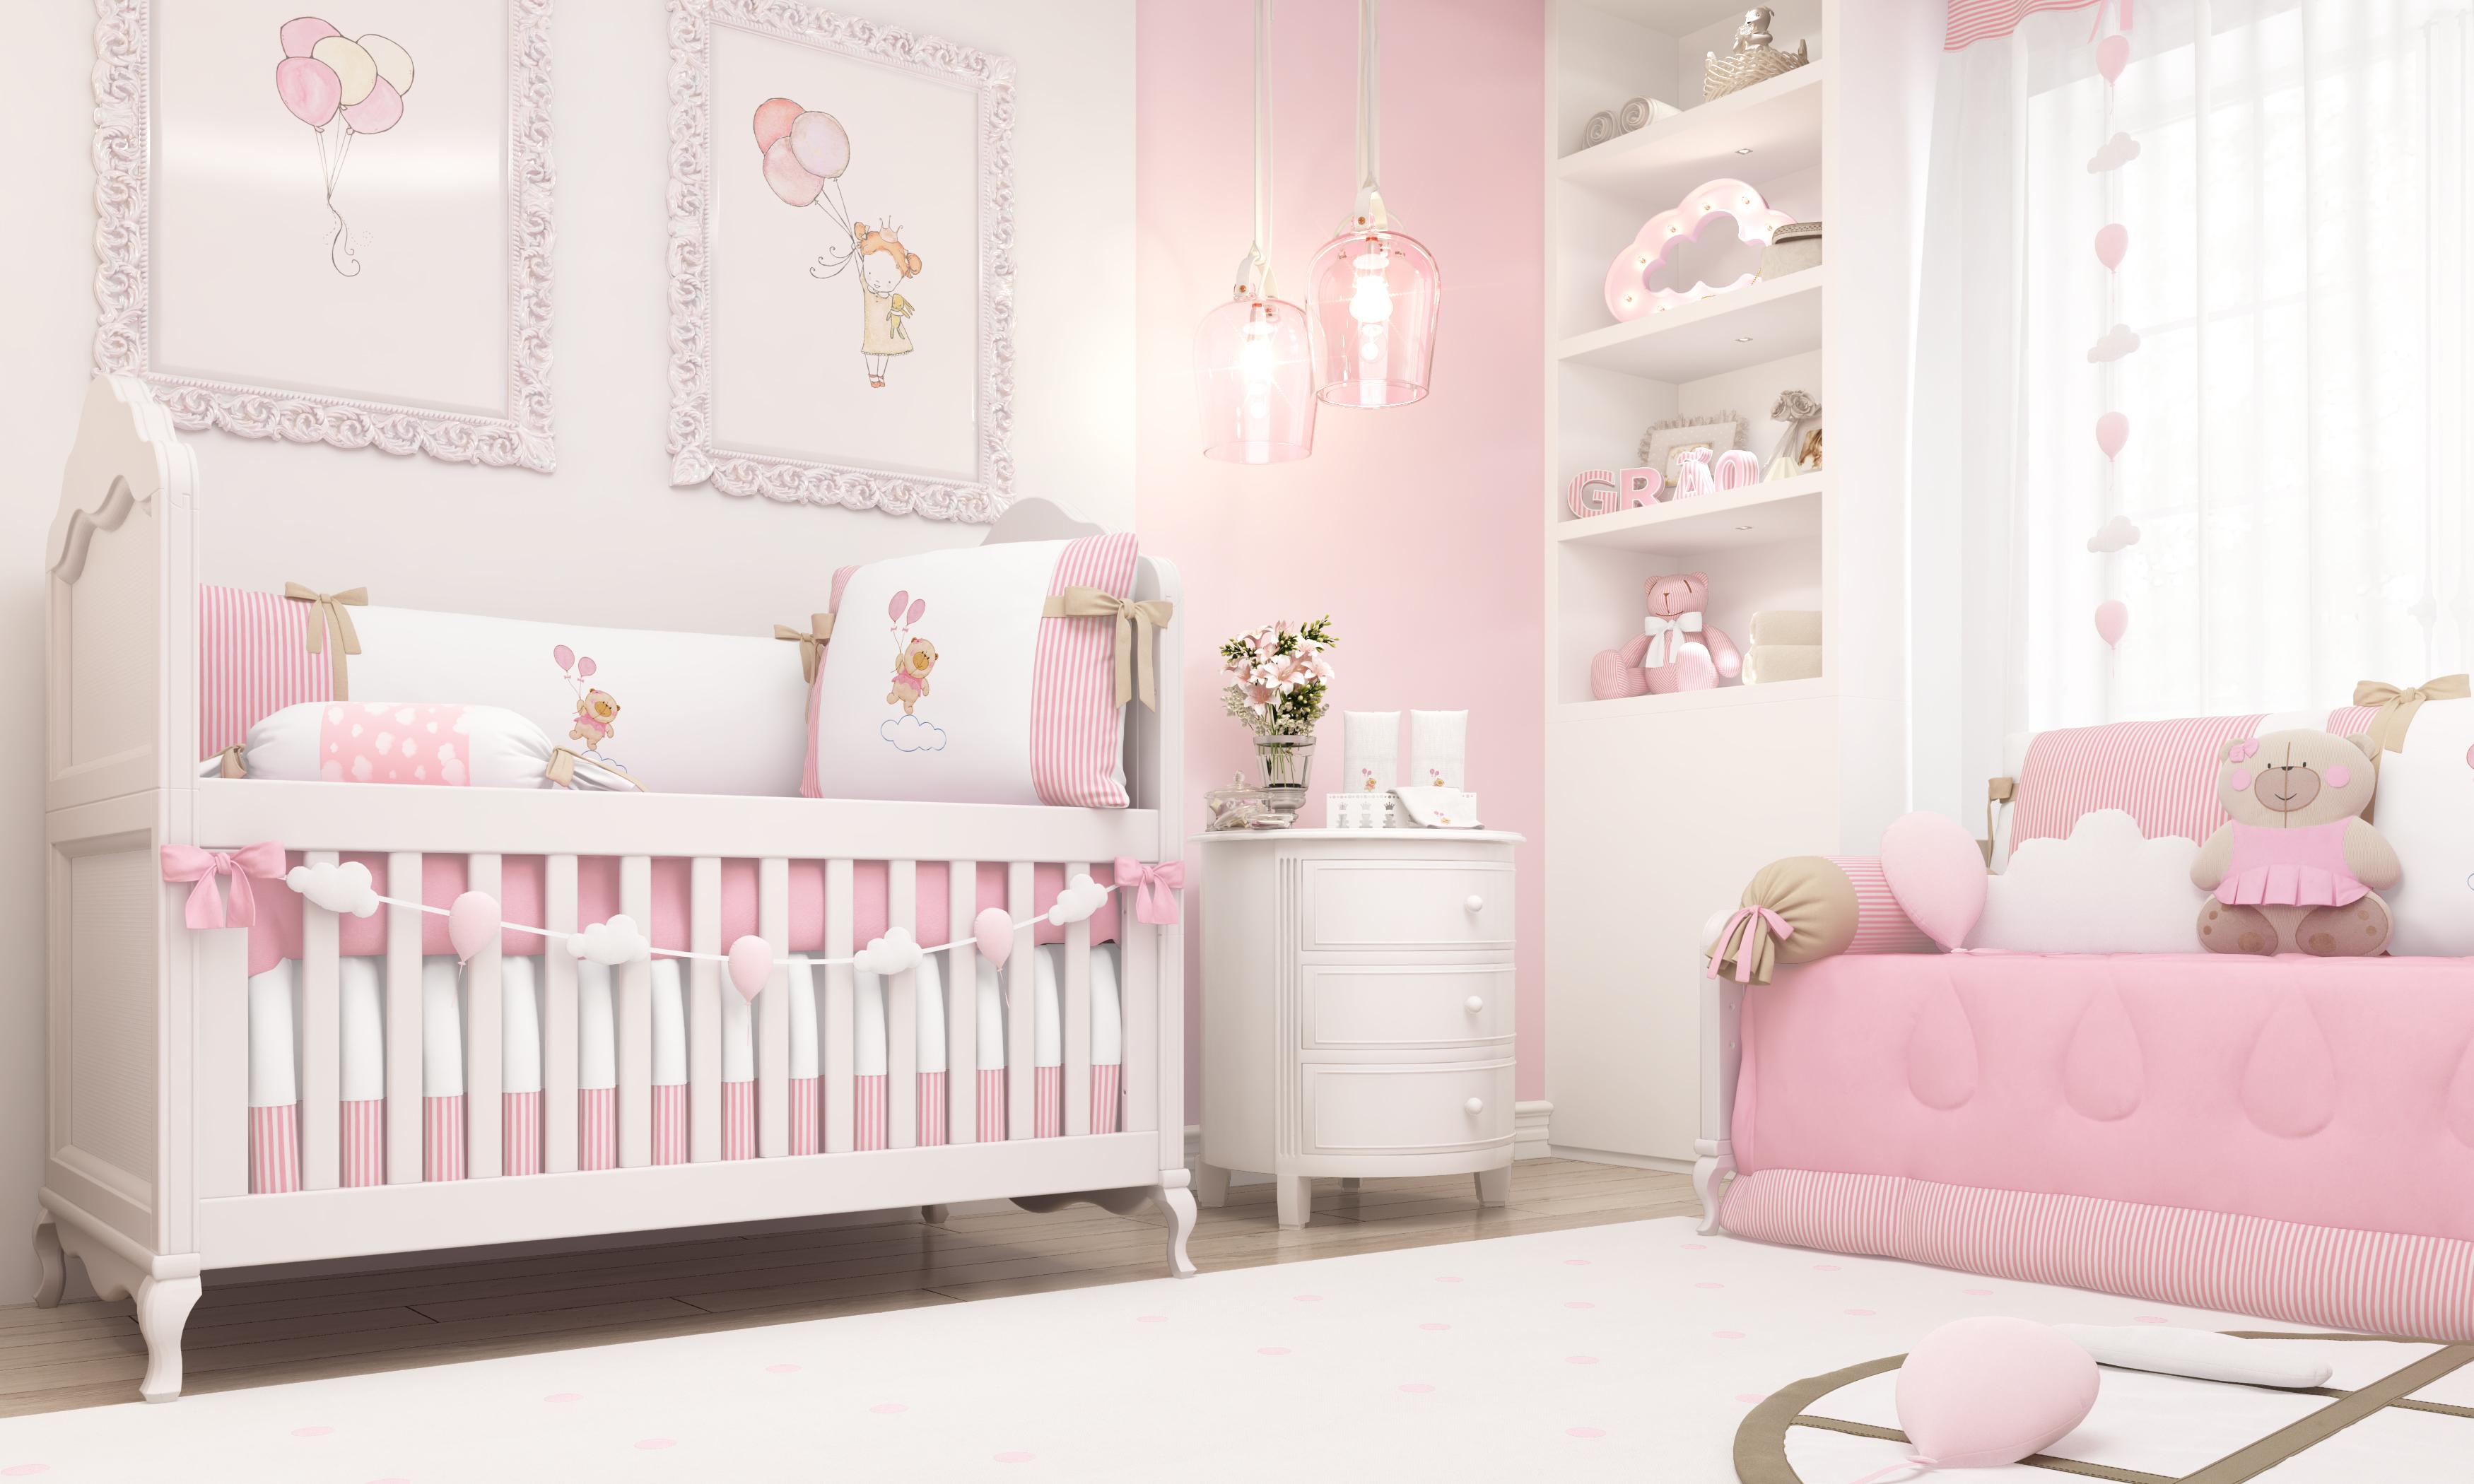 Alerta de tend u00eancia Nuvens na decoraç u00e3o do quarto de beb u00ea